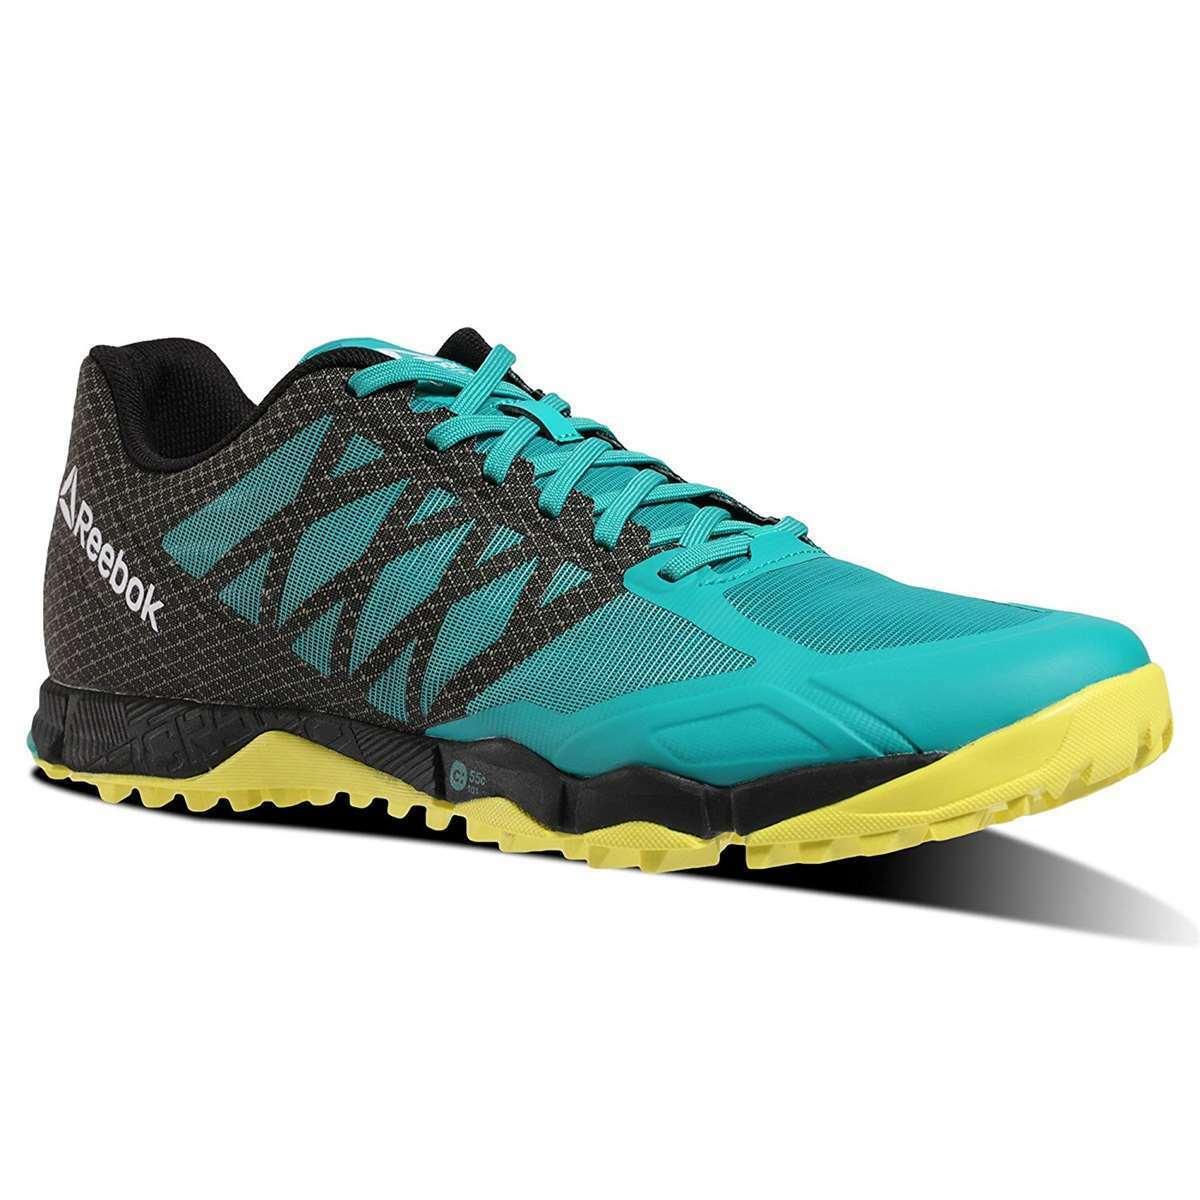 Reebok zapatos atléticos para hombre R Crossfit Speed campo de entrenamiento calzado neon Pacific